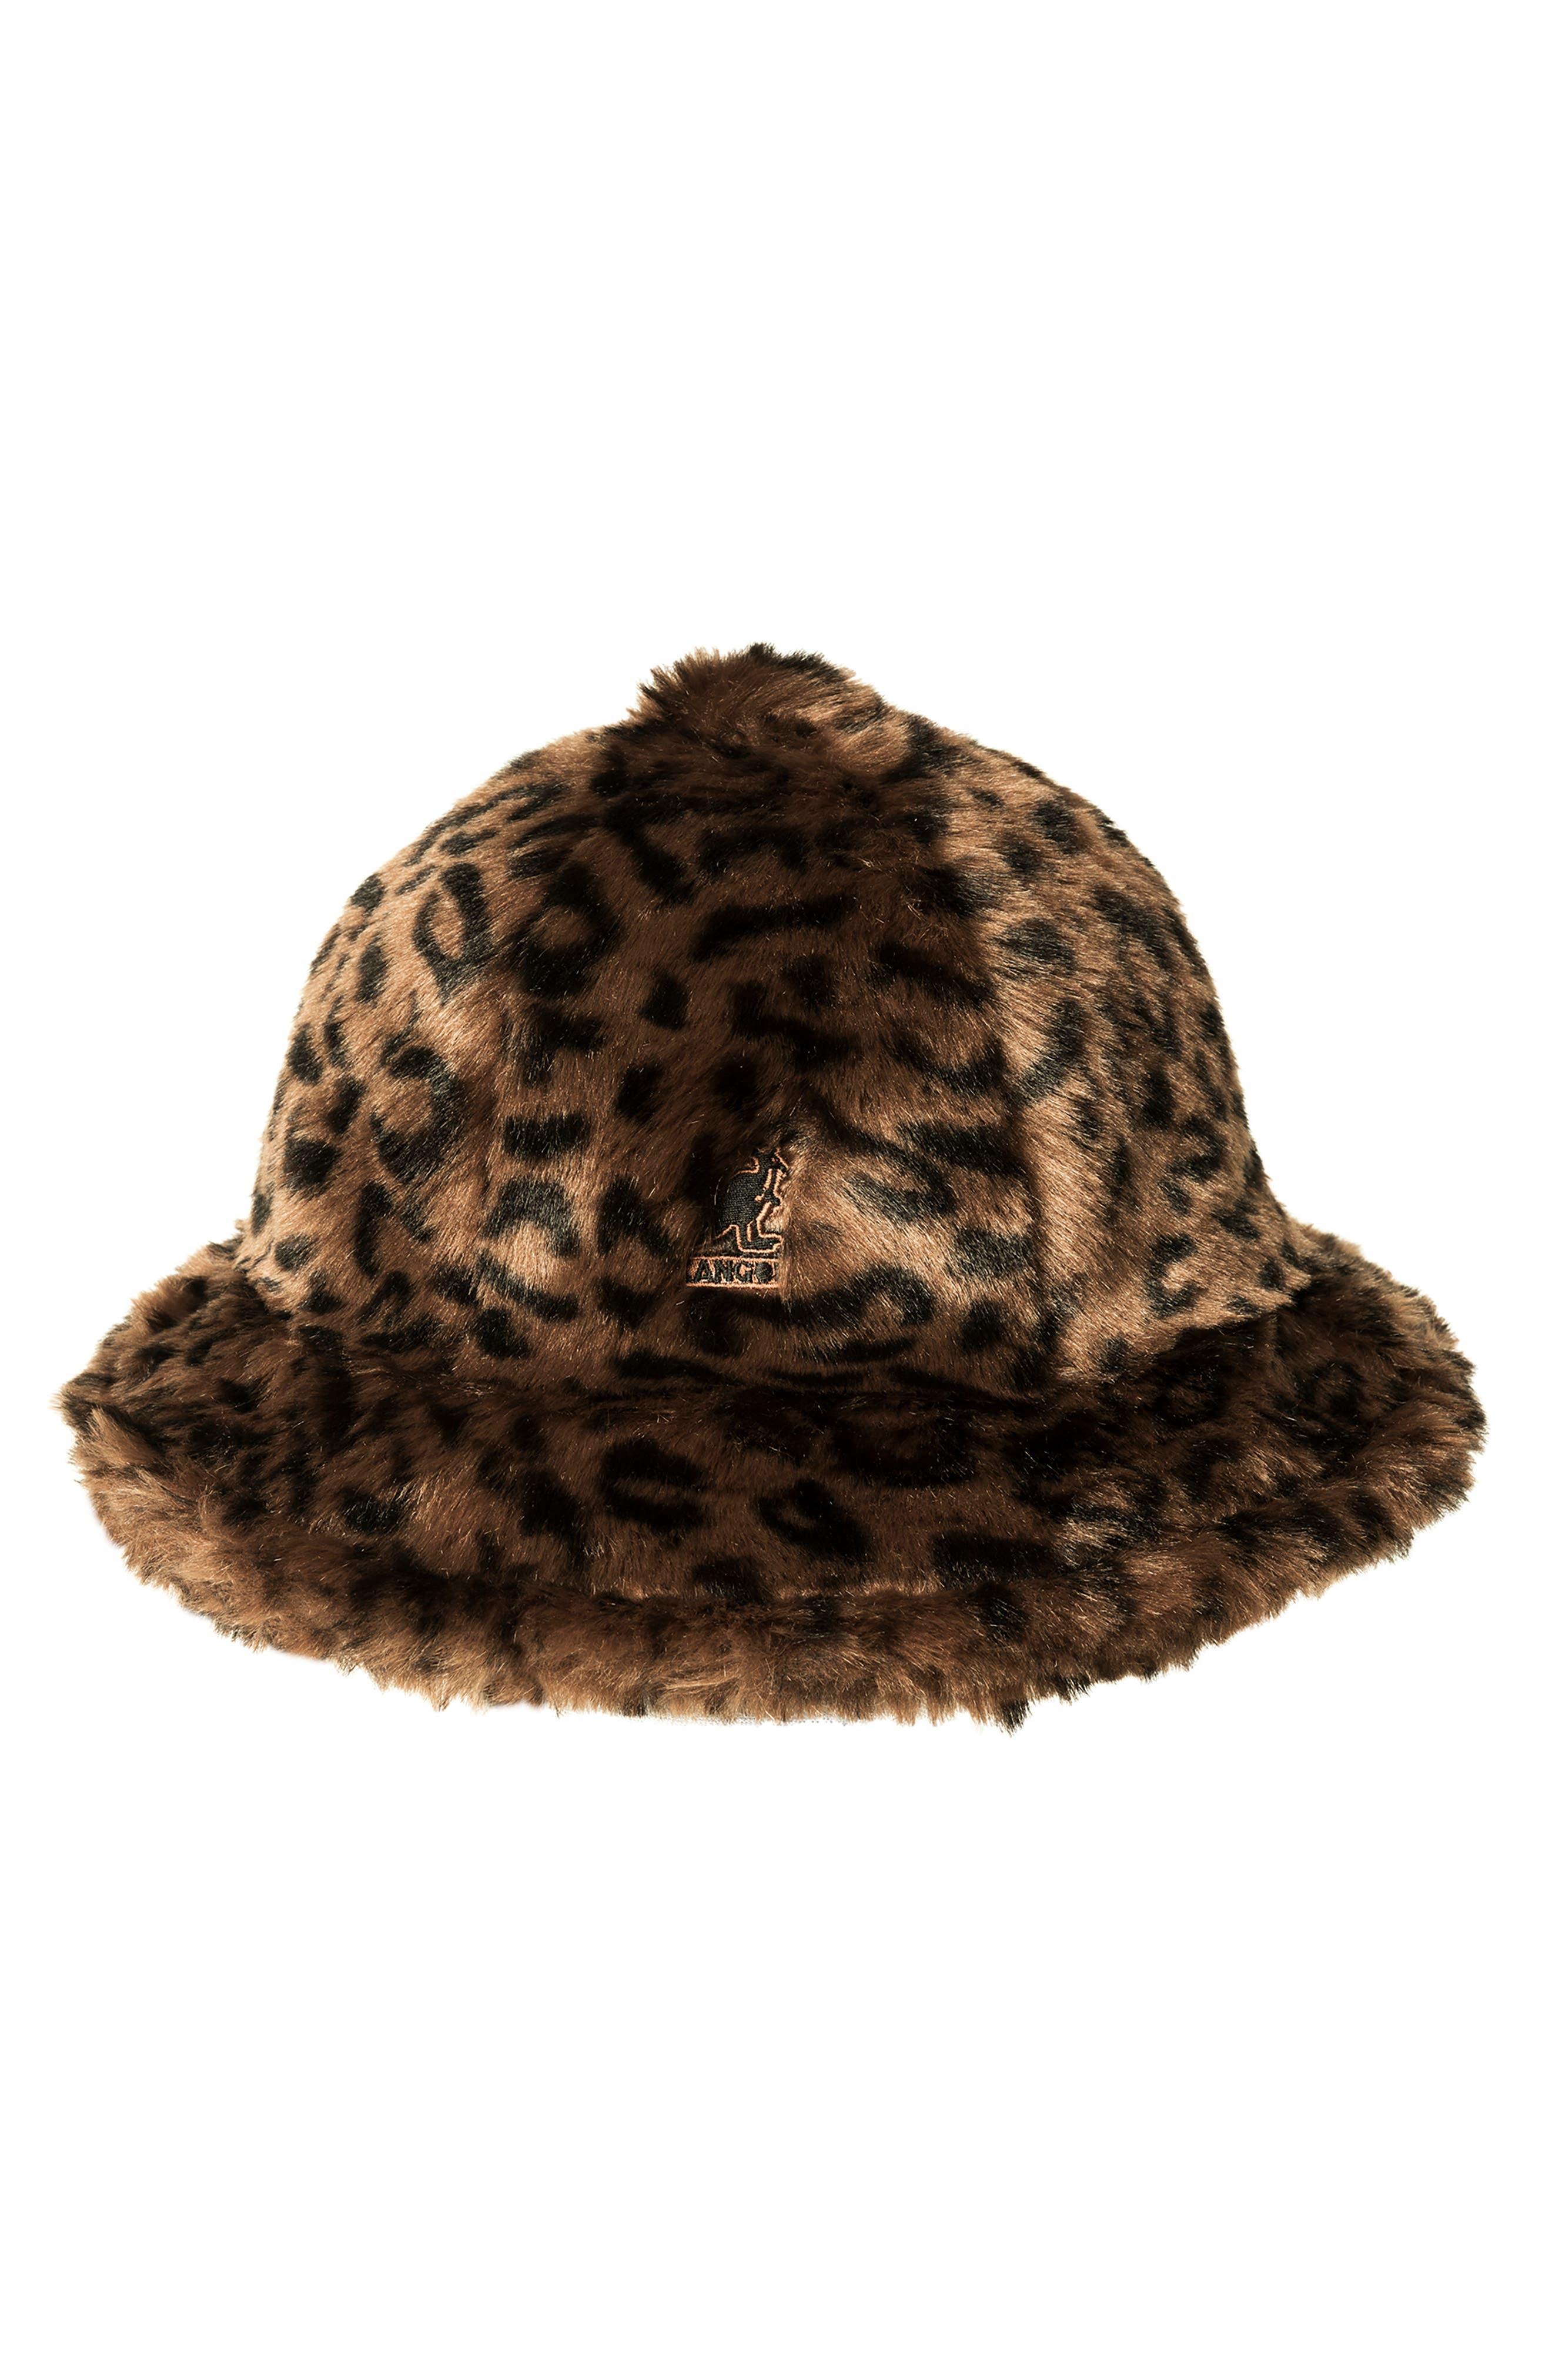 KANGOL Faux Fur Casual Bucket Hat - Brown in Leopard